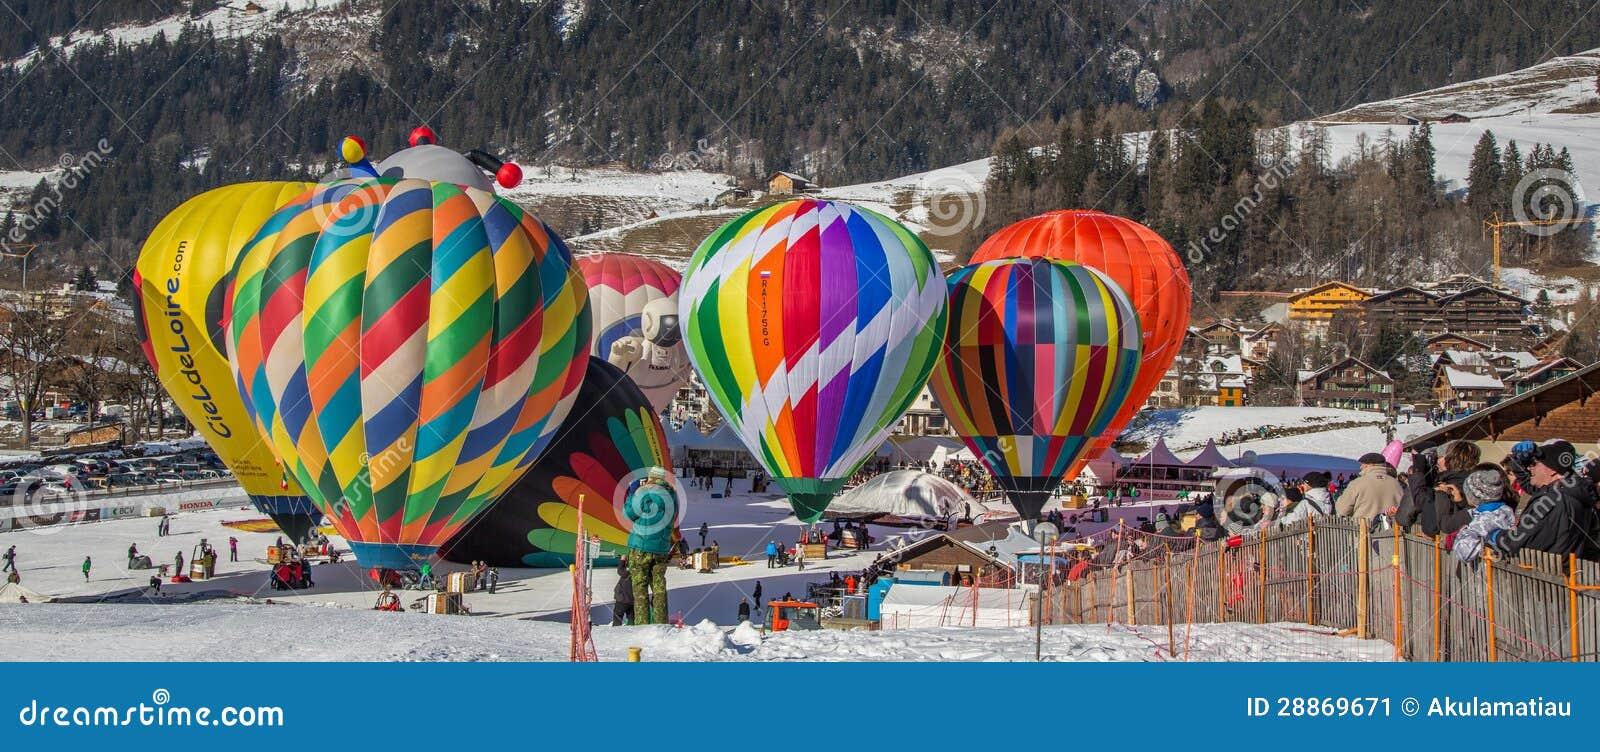 2013 het Festival van de Ballon van de Hete Lucht, Zwitserland